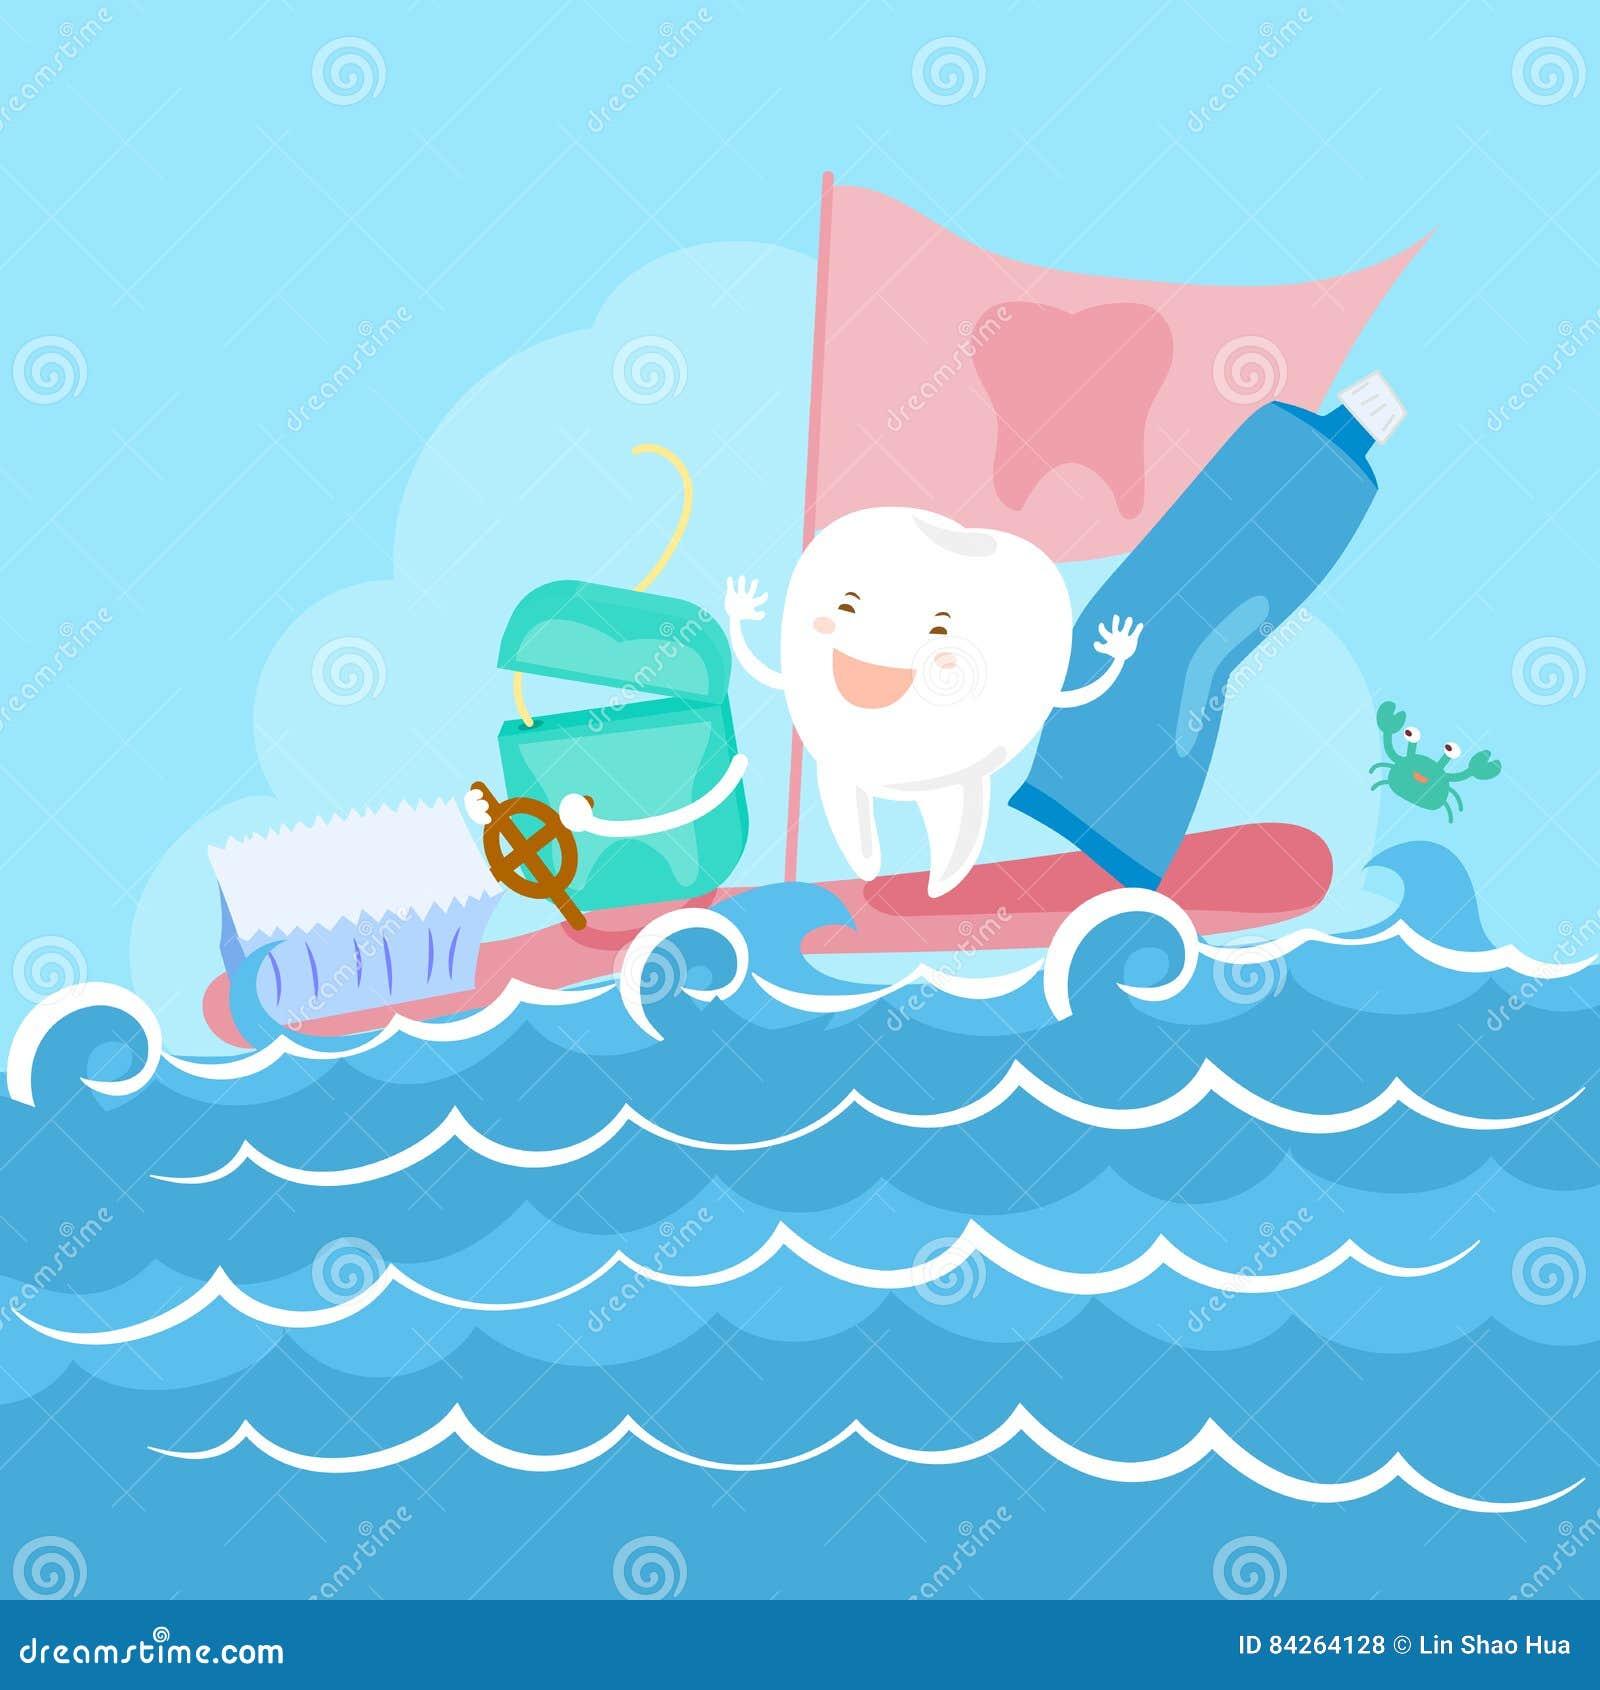 Zahn Und Glasschlacke Auf Meer Vektor Abbildung - Illustration von ...